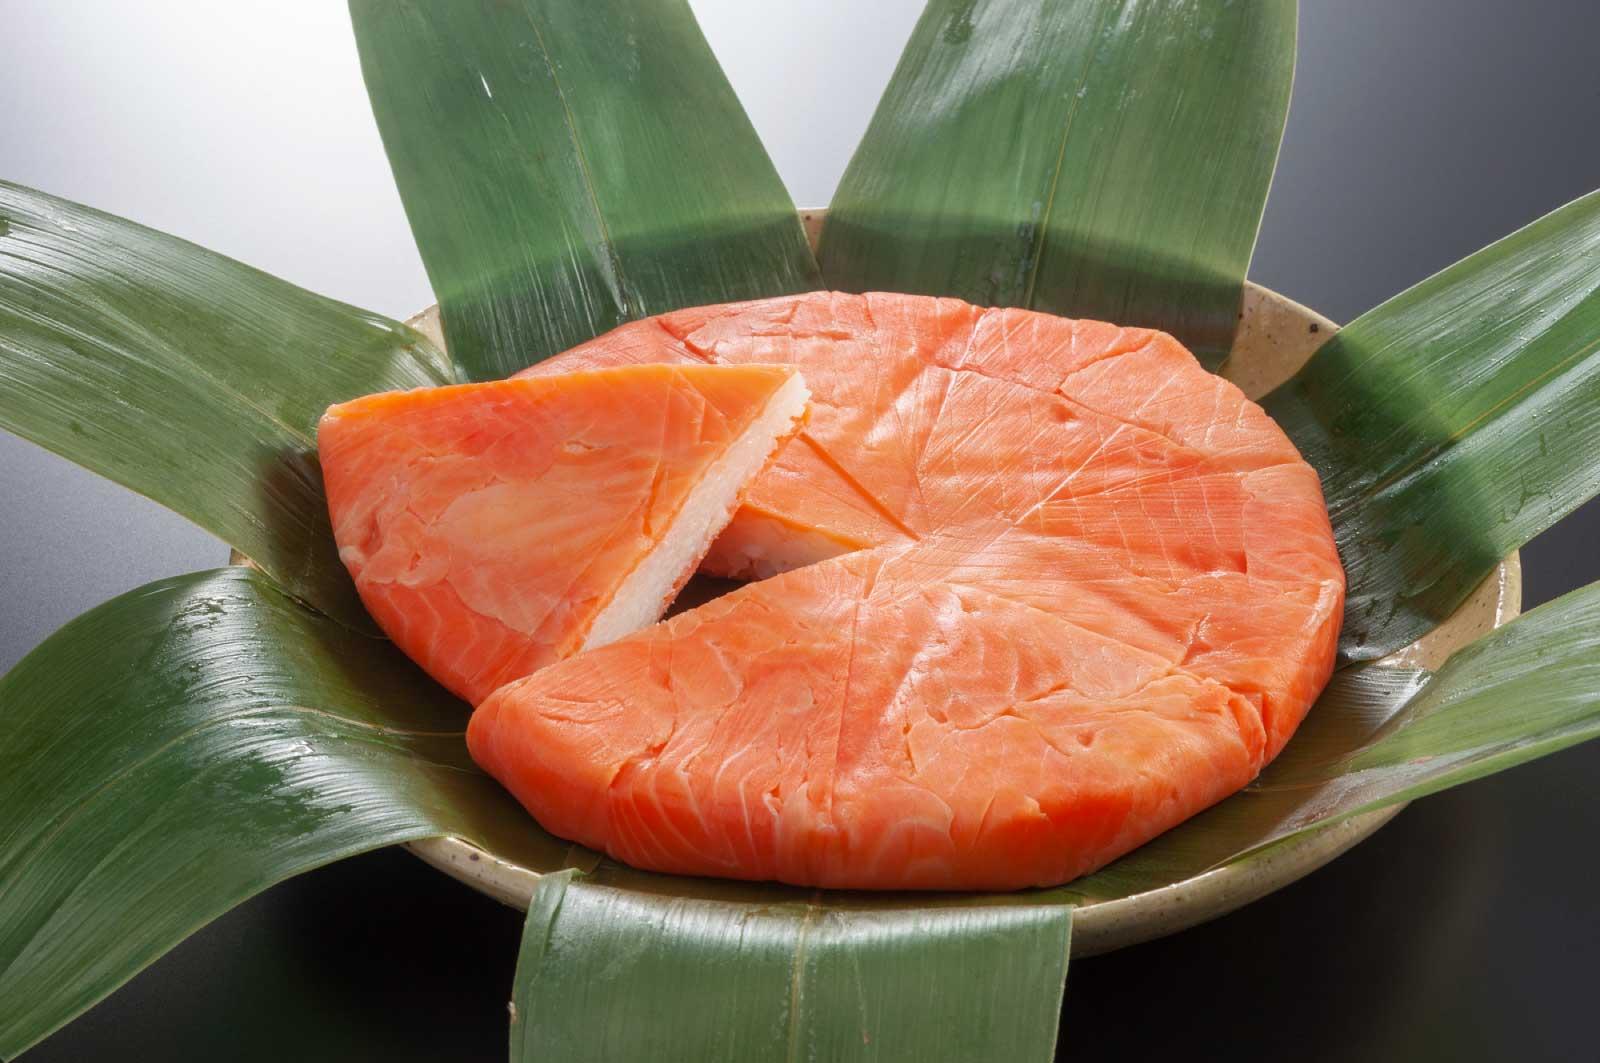 ます寿司(ますのすし)